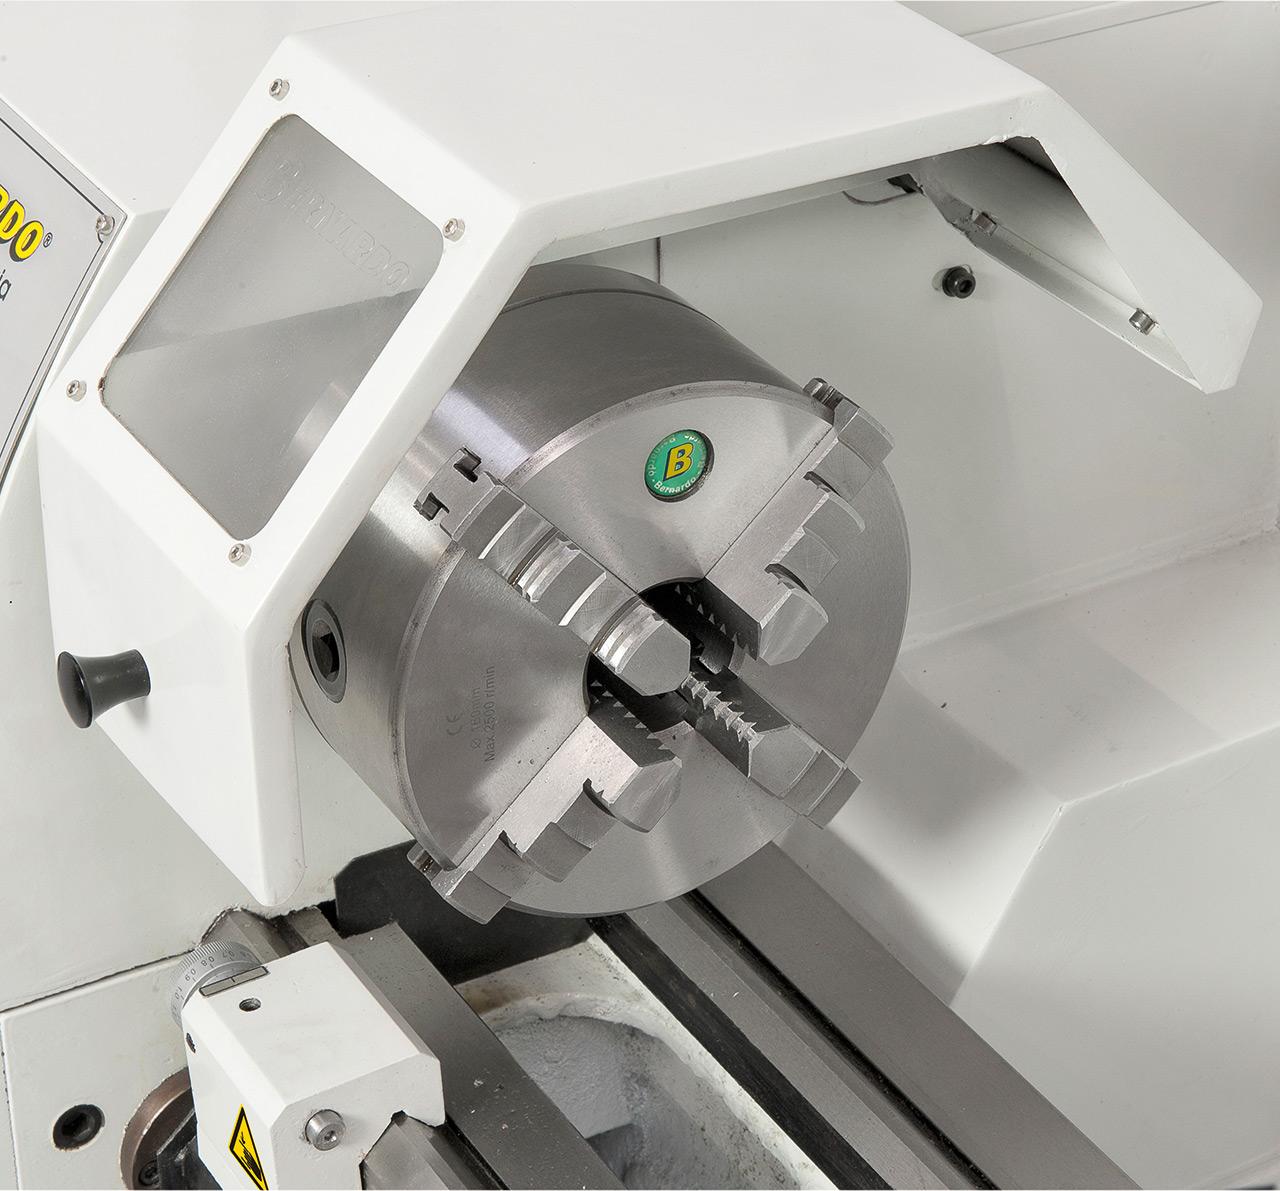 Zentrisch spannendes 4-Backenfutter 160 mm, optimal für Vierkant-Werkstücke (Option).